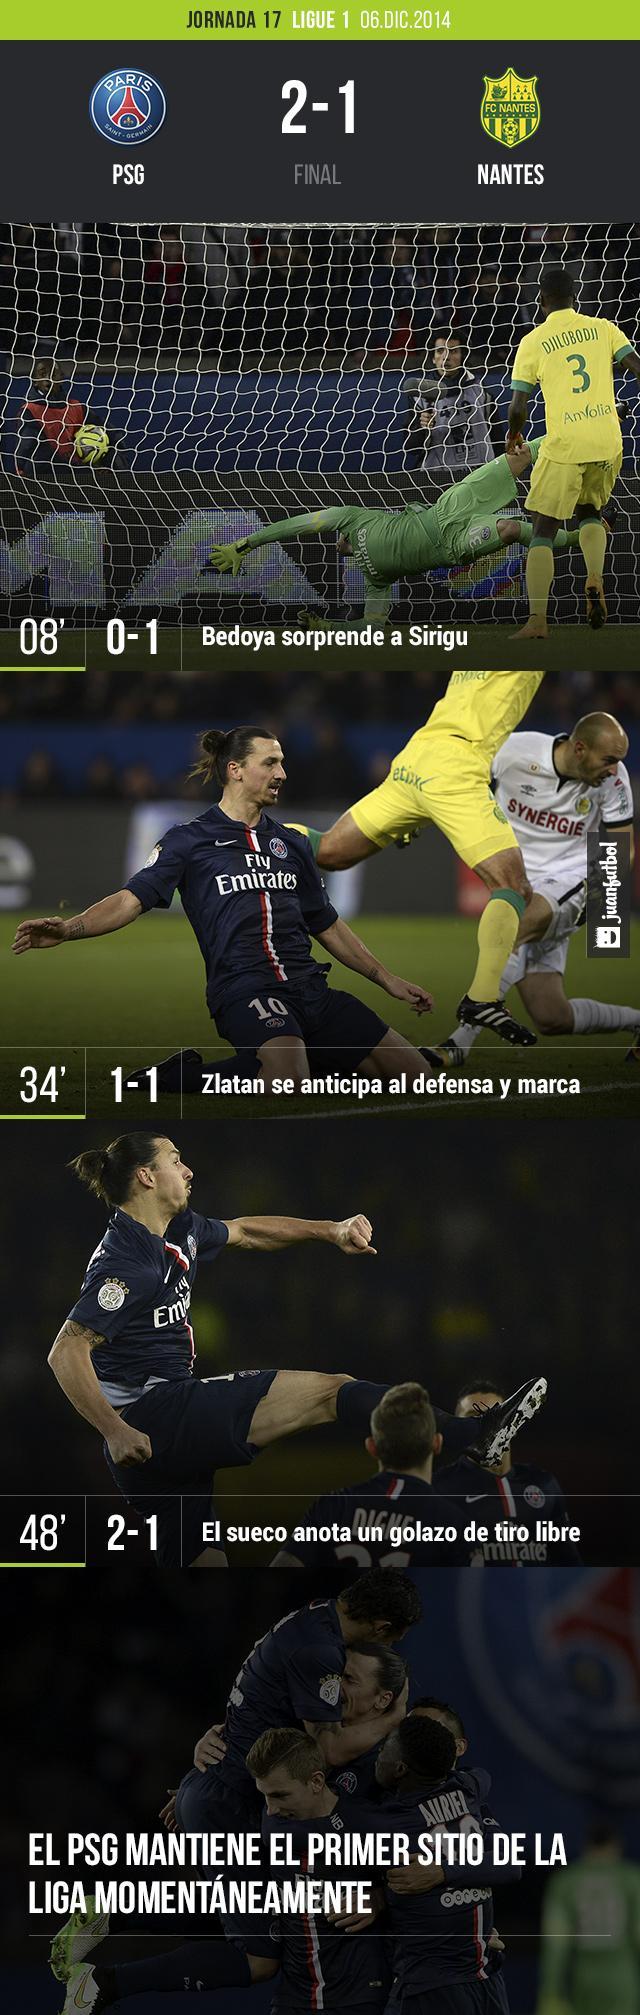 El PSG vence 2-1 al Nantes en la Ligue 1 como parte de la jornada 17. Zlatan anotó un doblete en el partido